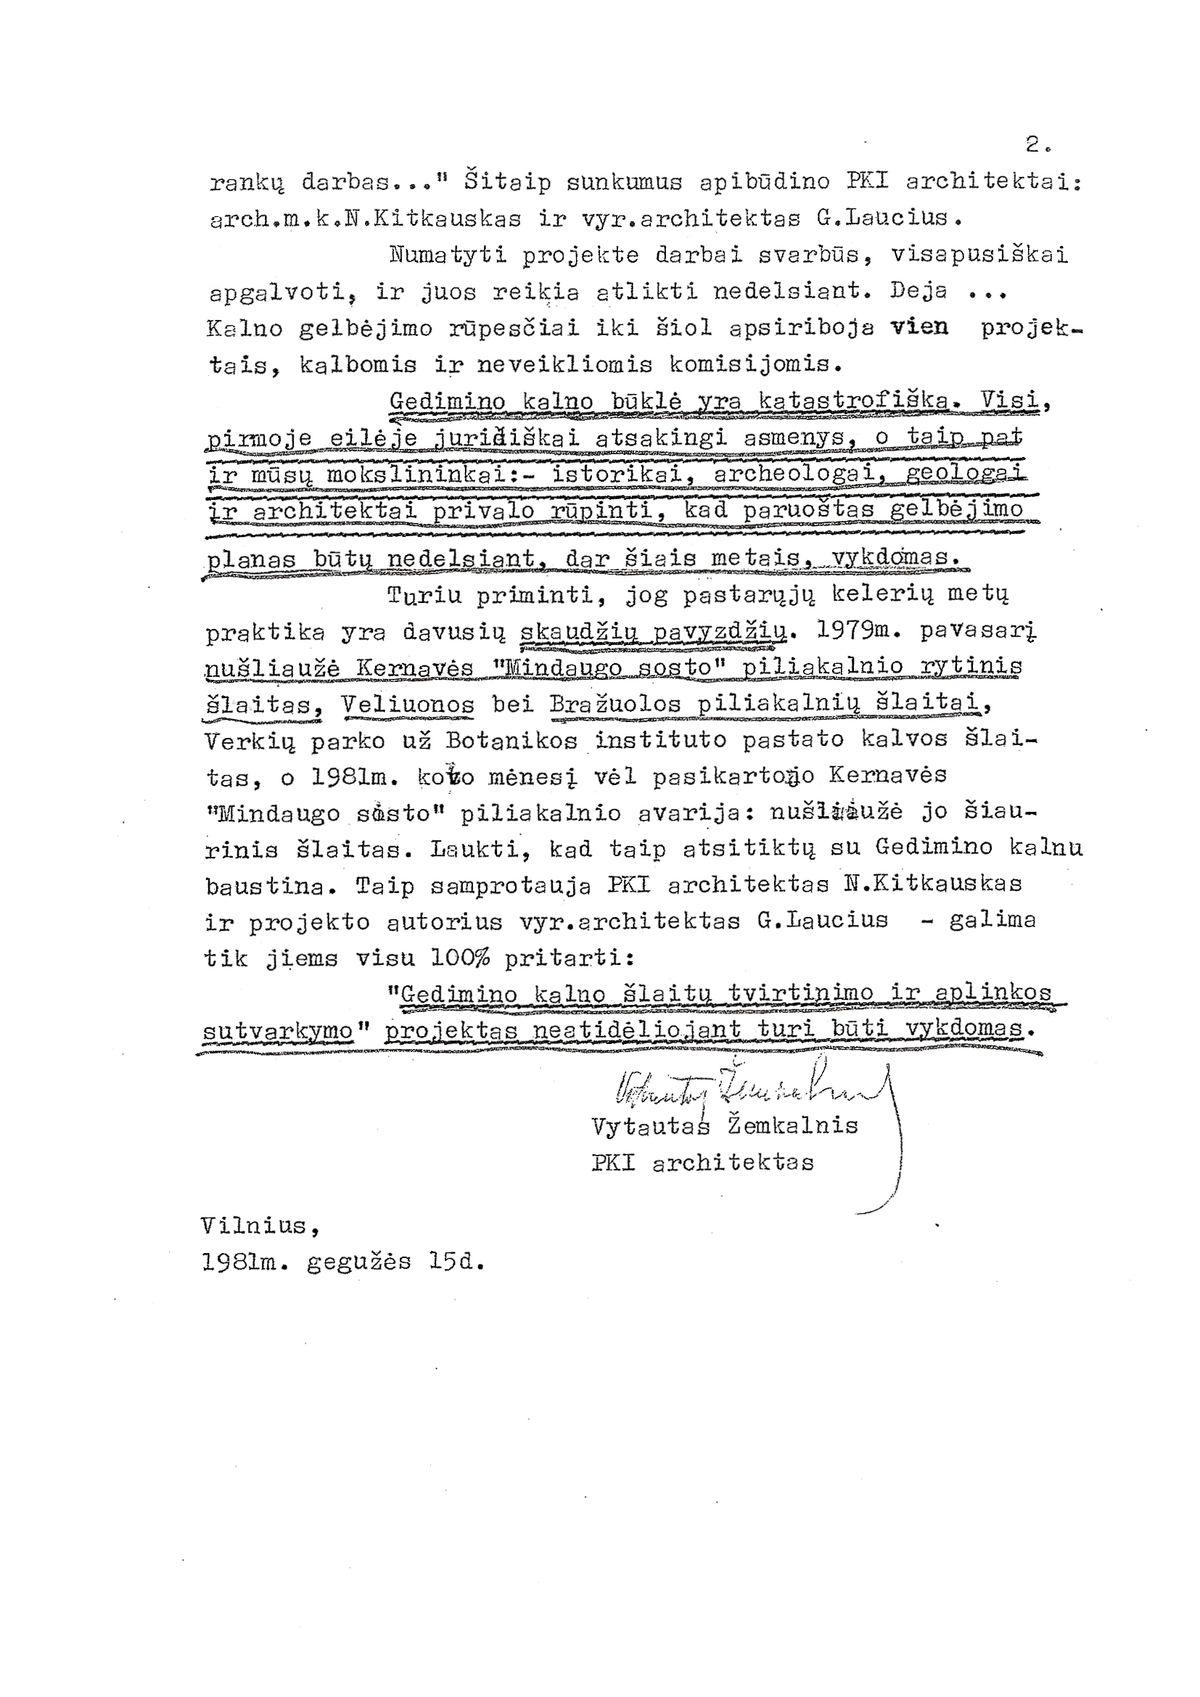 v-zemkalnis_gedimino-kalnas-2_1981